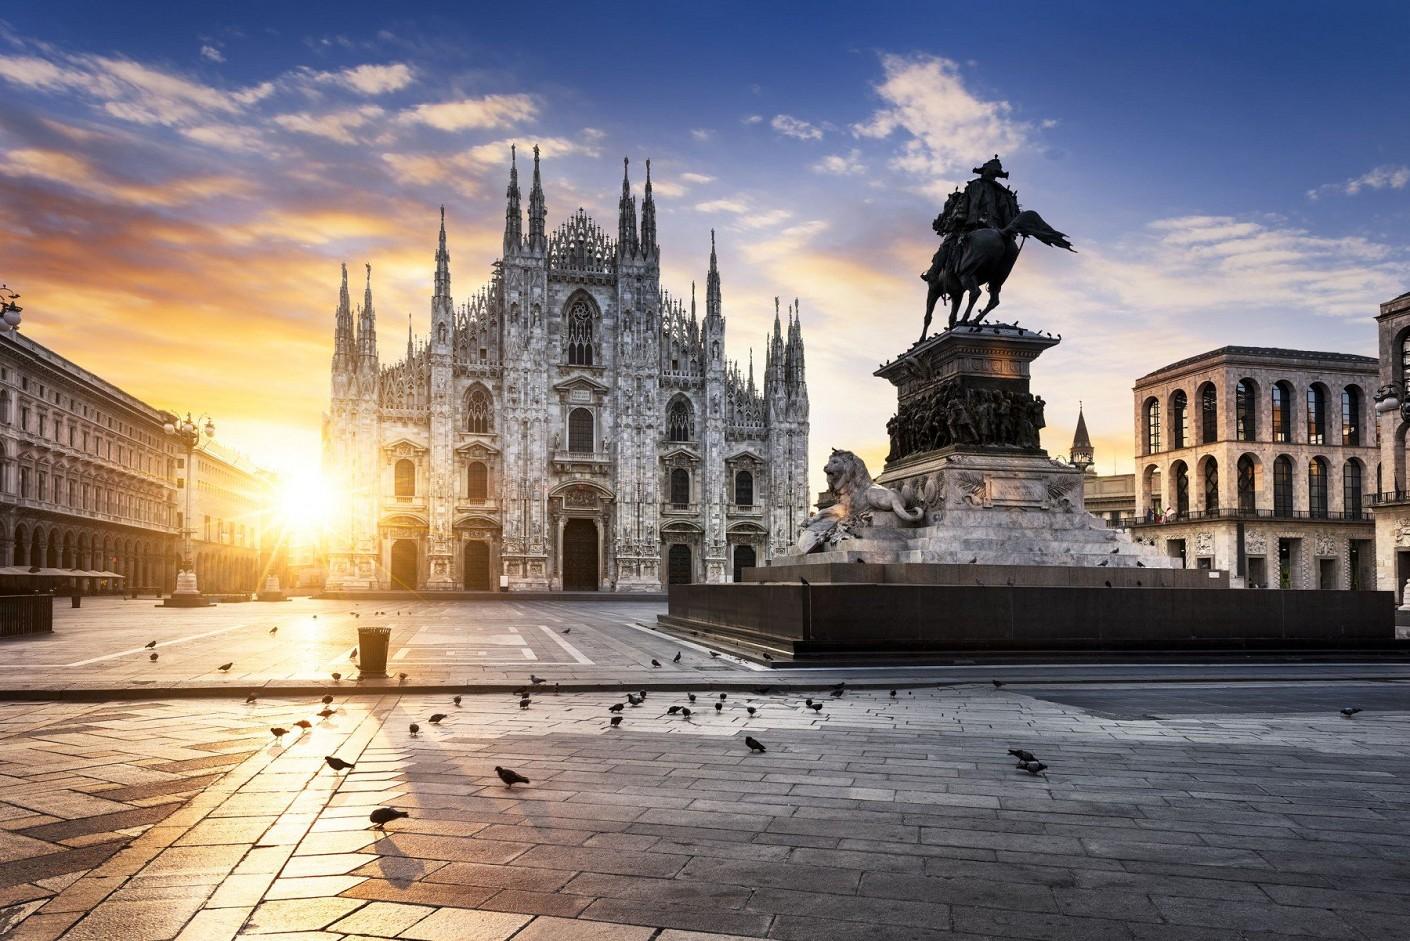 Ką verta žinoti prieš vykstant į Milaną?